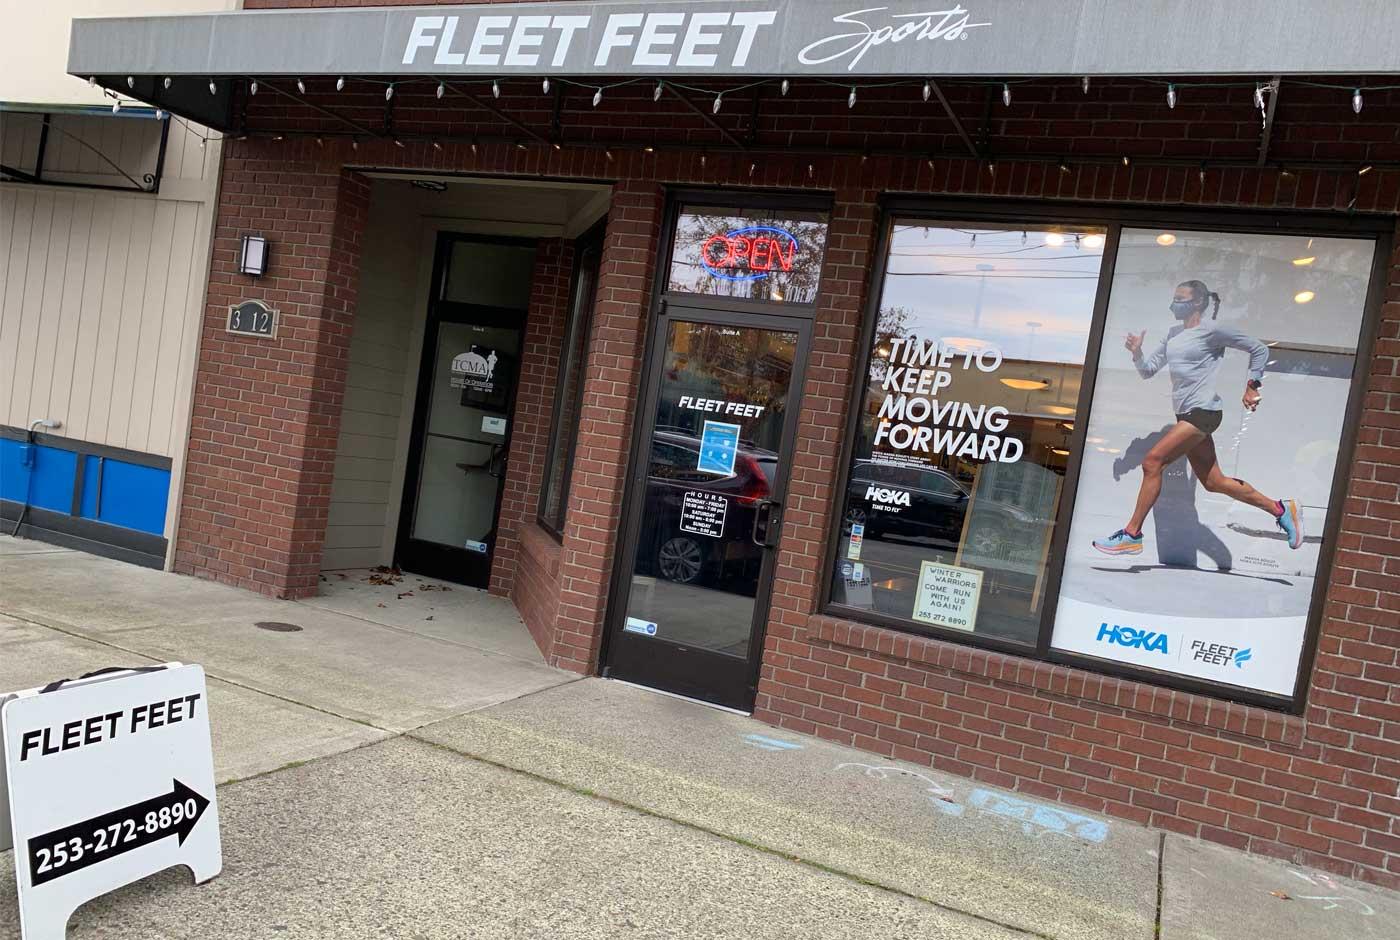 6-Pack-Calendar-Fleet-Feet-11-10-20